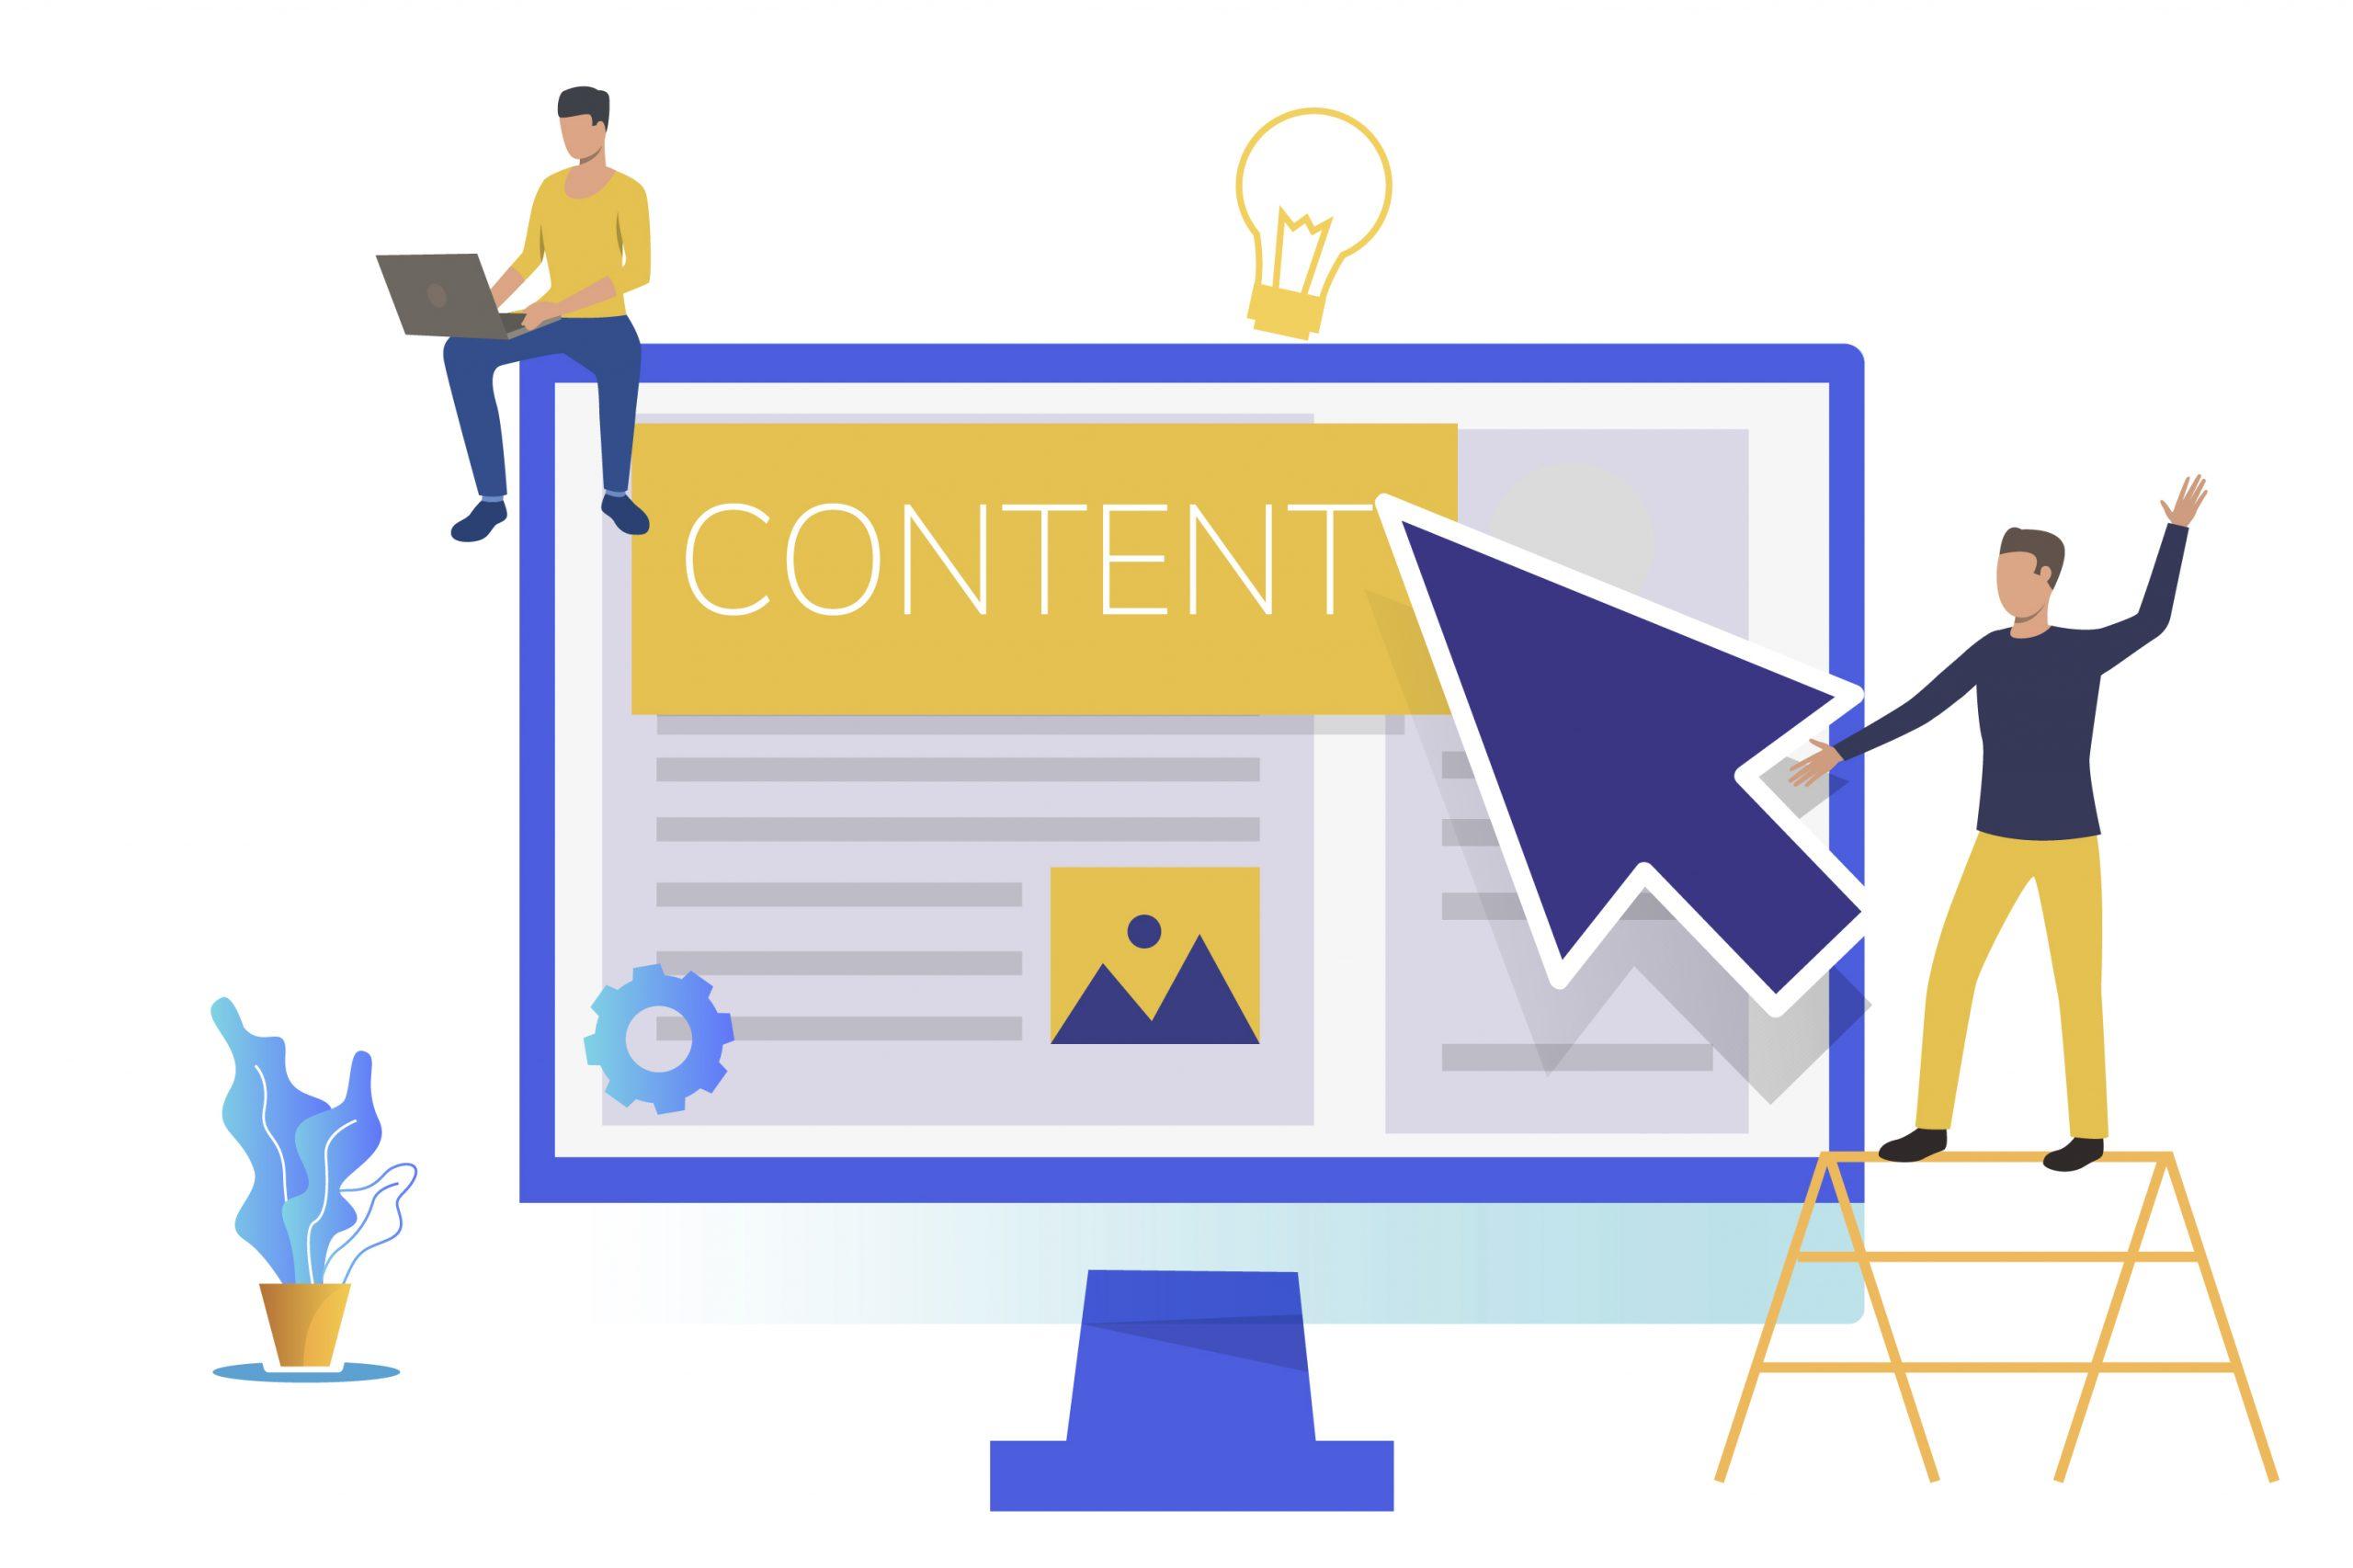 La notoriété de votre marque mérite les plus belles histoires. Nous créons vos contenus textes, images et vidéos au service de votre stratégie marketing.